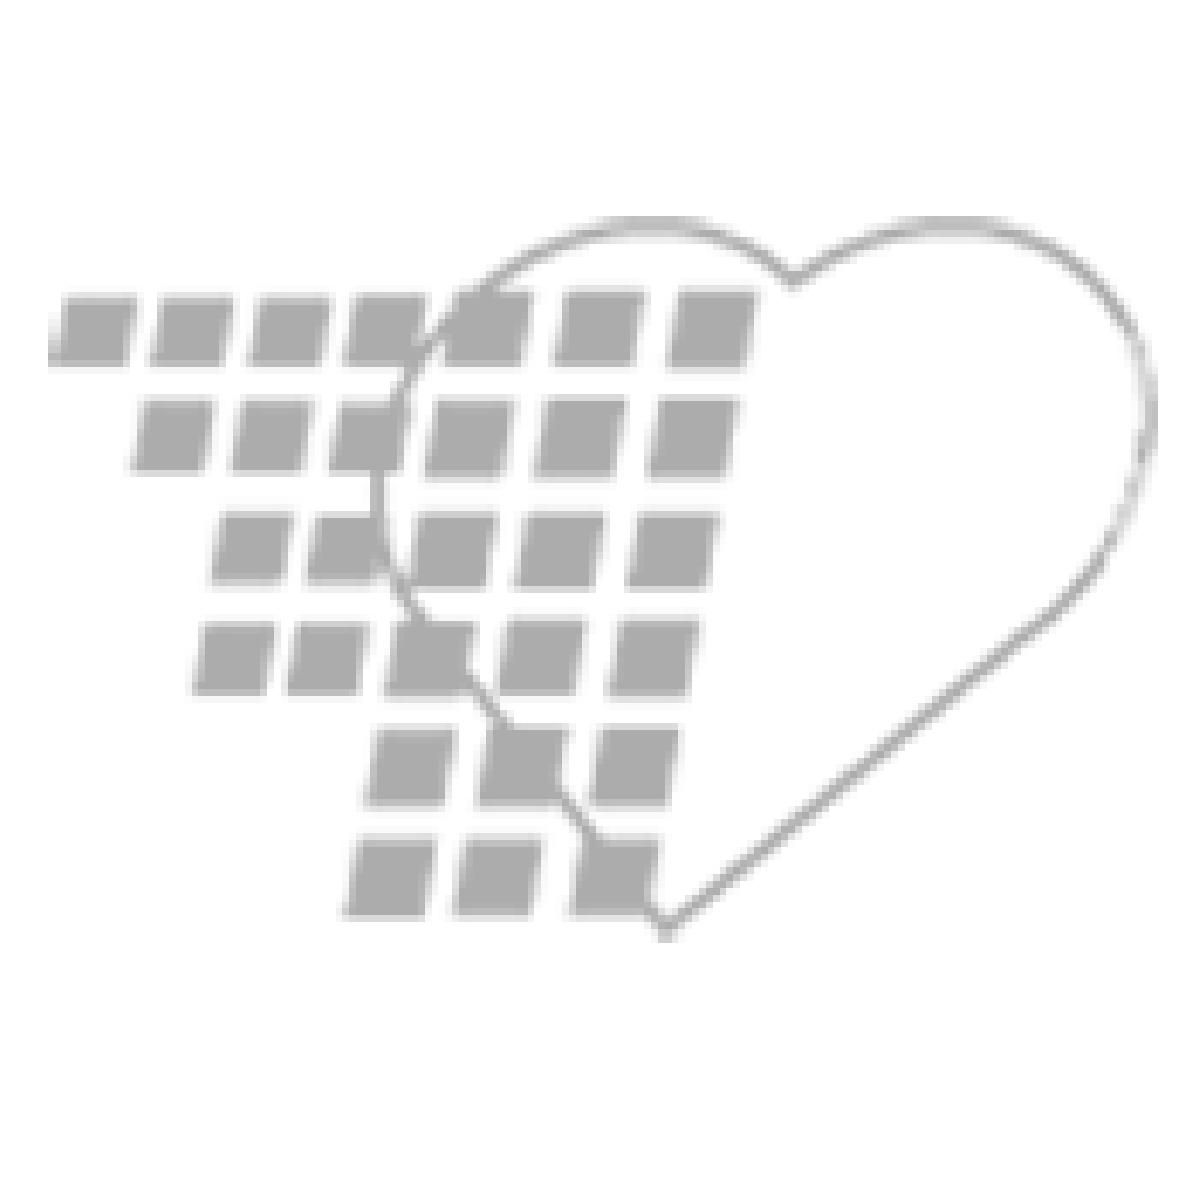 """06-82-1110P Monoject™ 1 mL Insulin Safety Syringe with Needle - 29 G x 1/2"""""""